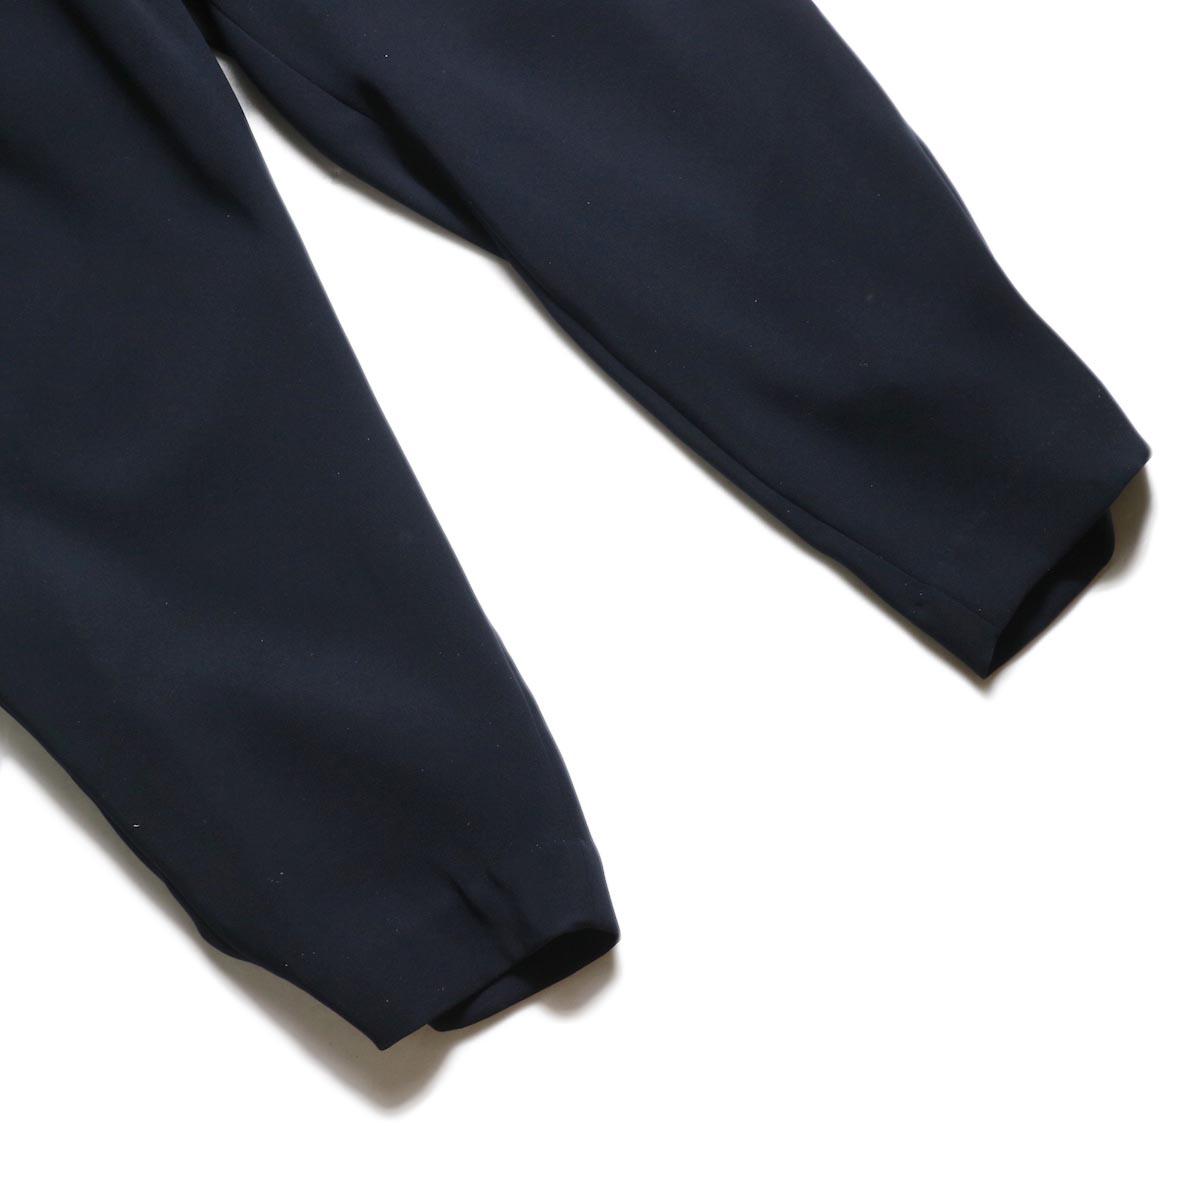 WHYTO. / ランダムタック オケージョンパンツ (Navy) 裾